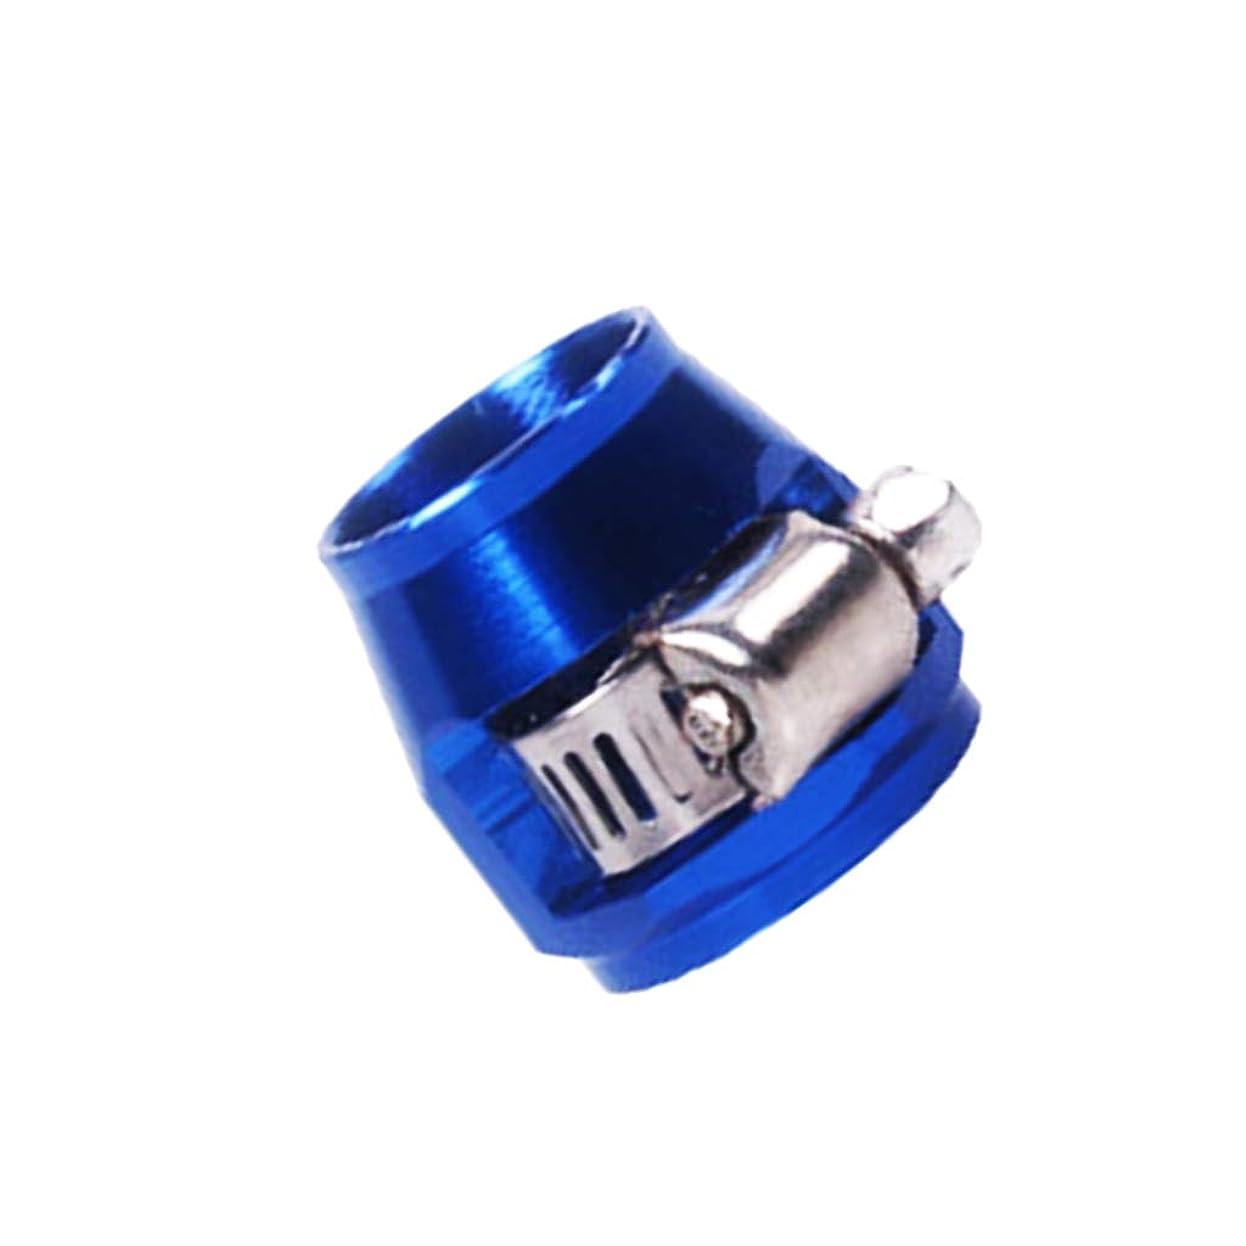 抜本的な魔法深めるホースクランプ エアチューブクリップ 燃料ホースパイプ用 作業工具 アルミニウム 全3色 - 青